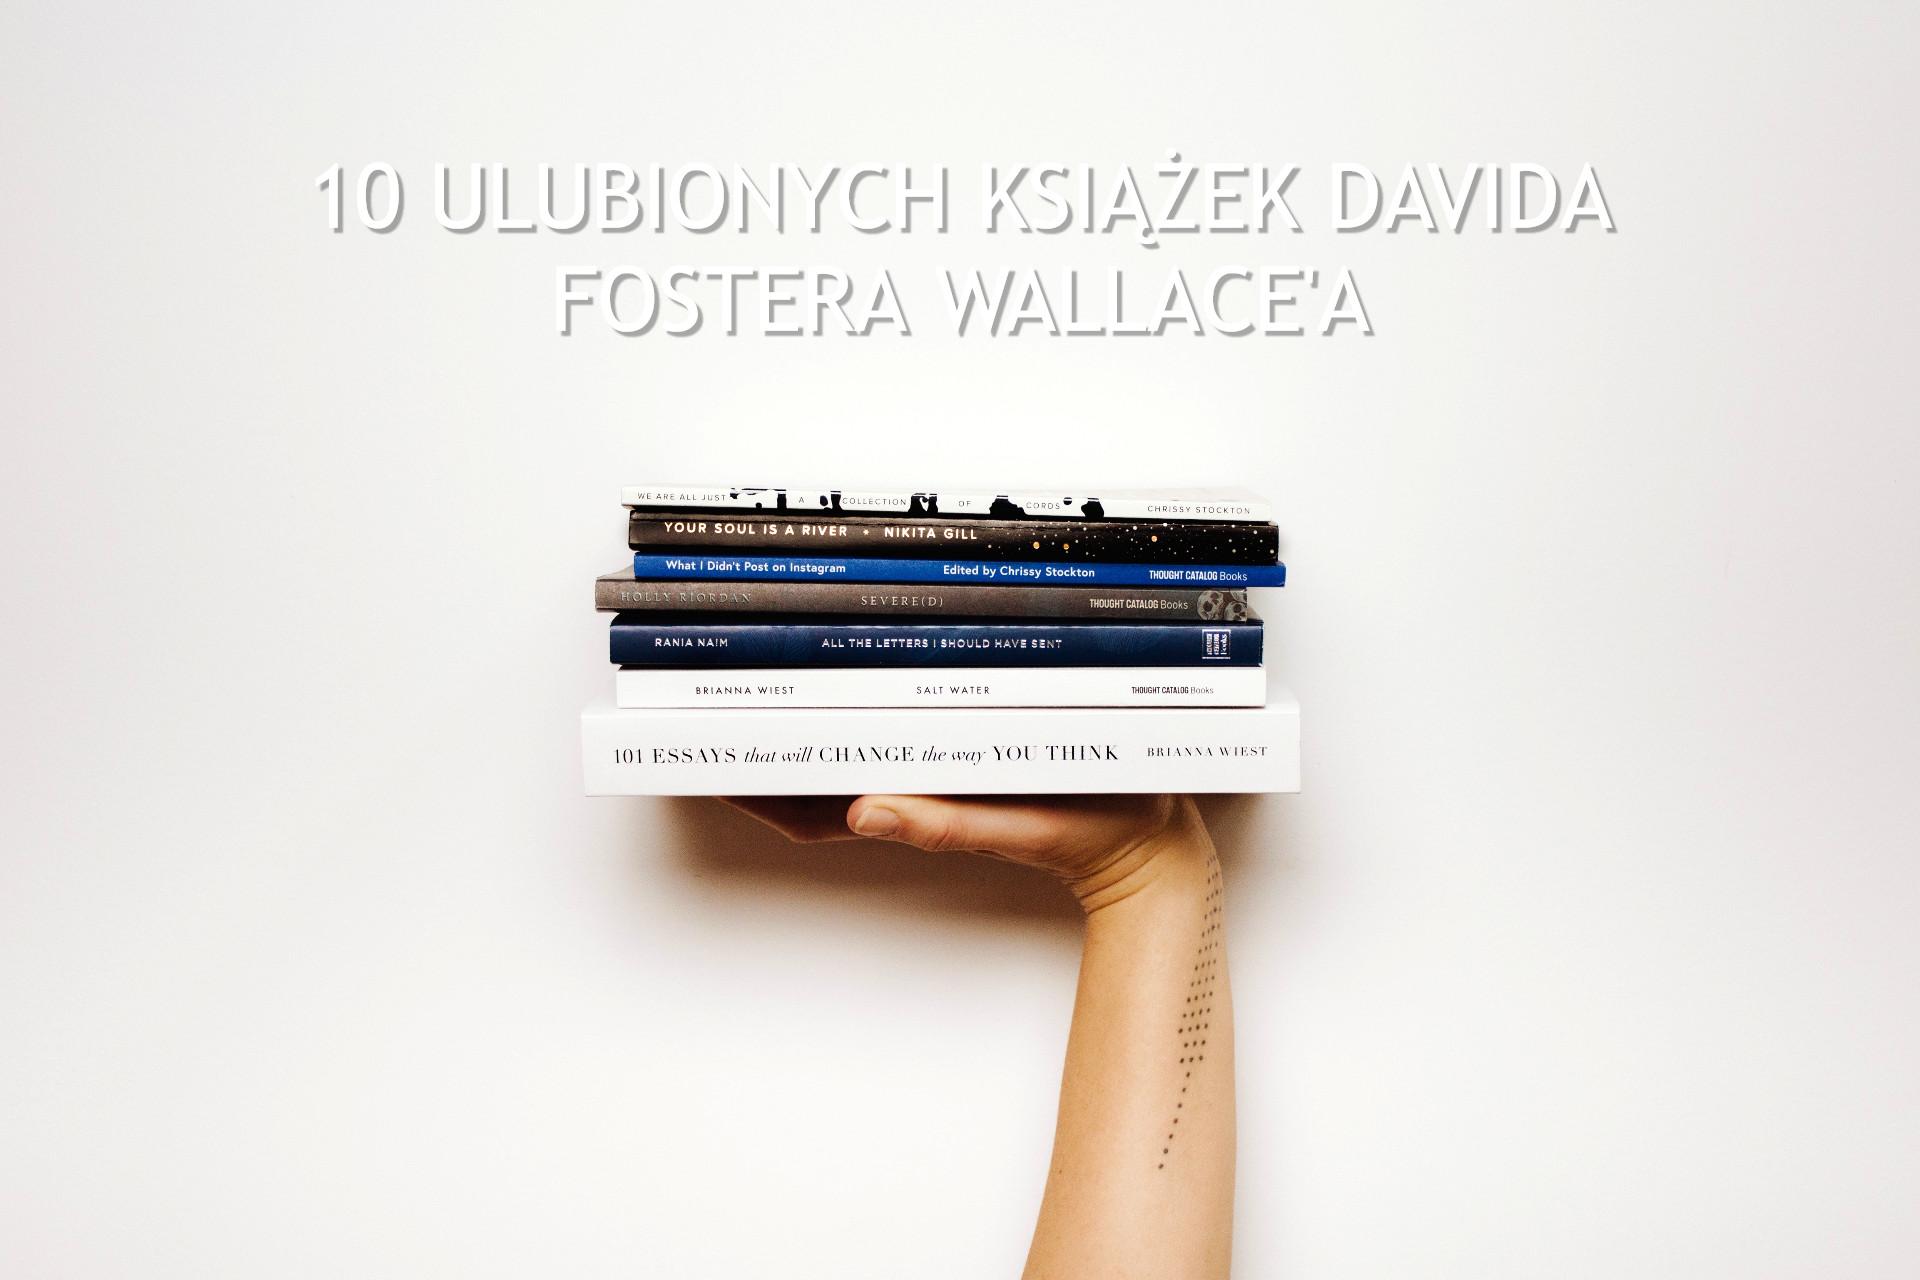 10 ulubionych książek Davida Fostera Wallace'a - www.naczytniku.pl